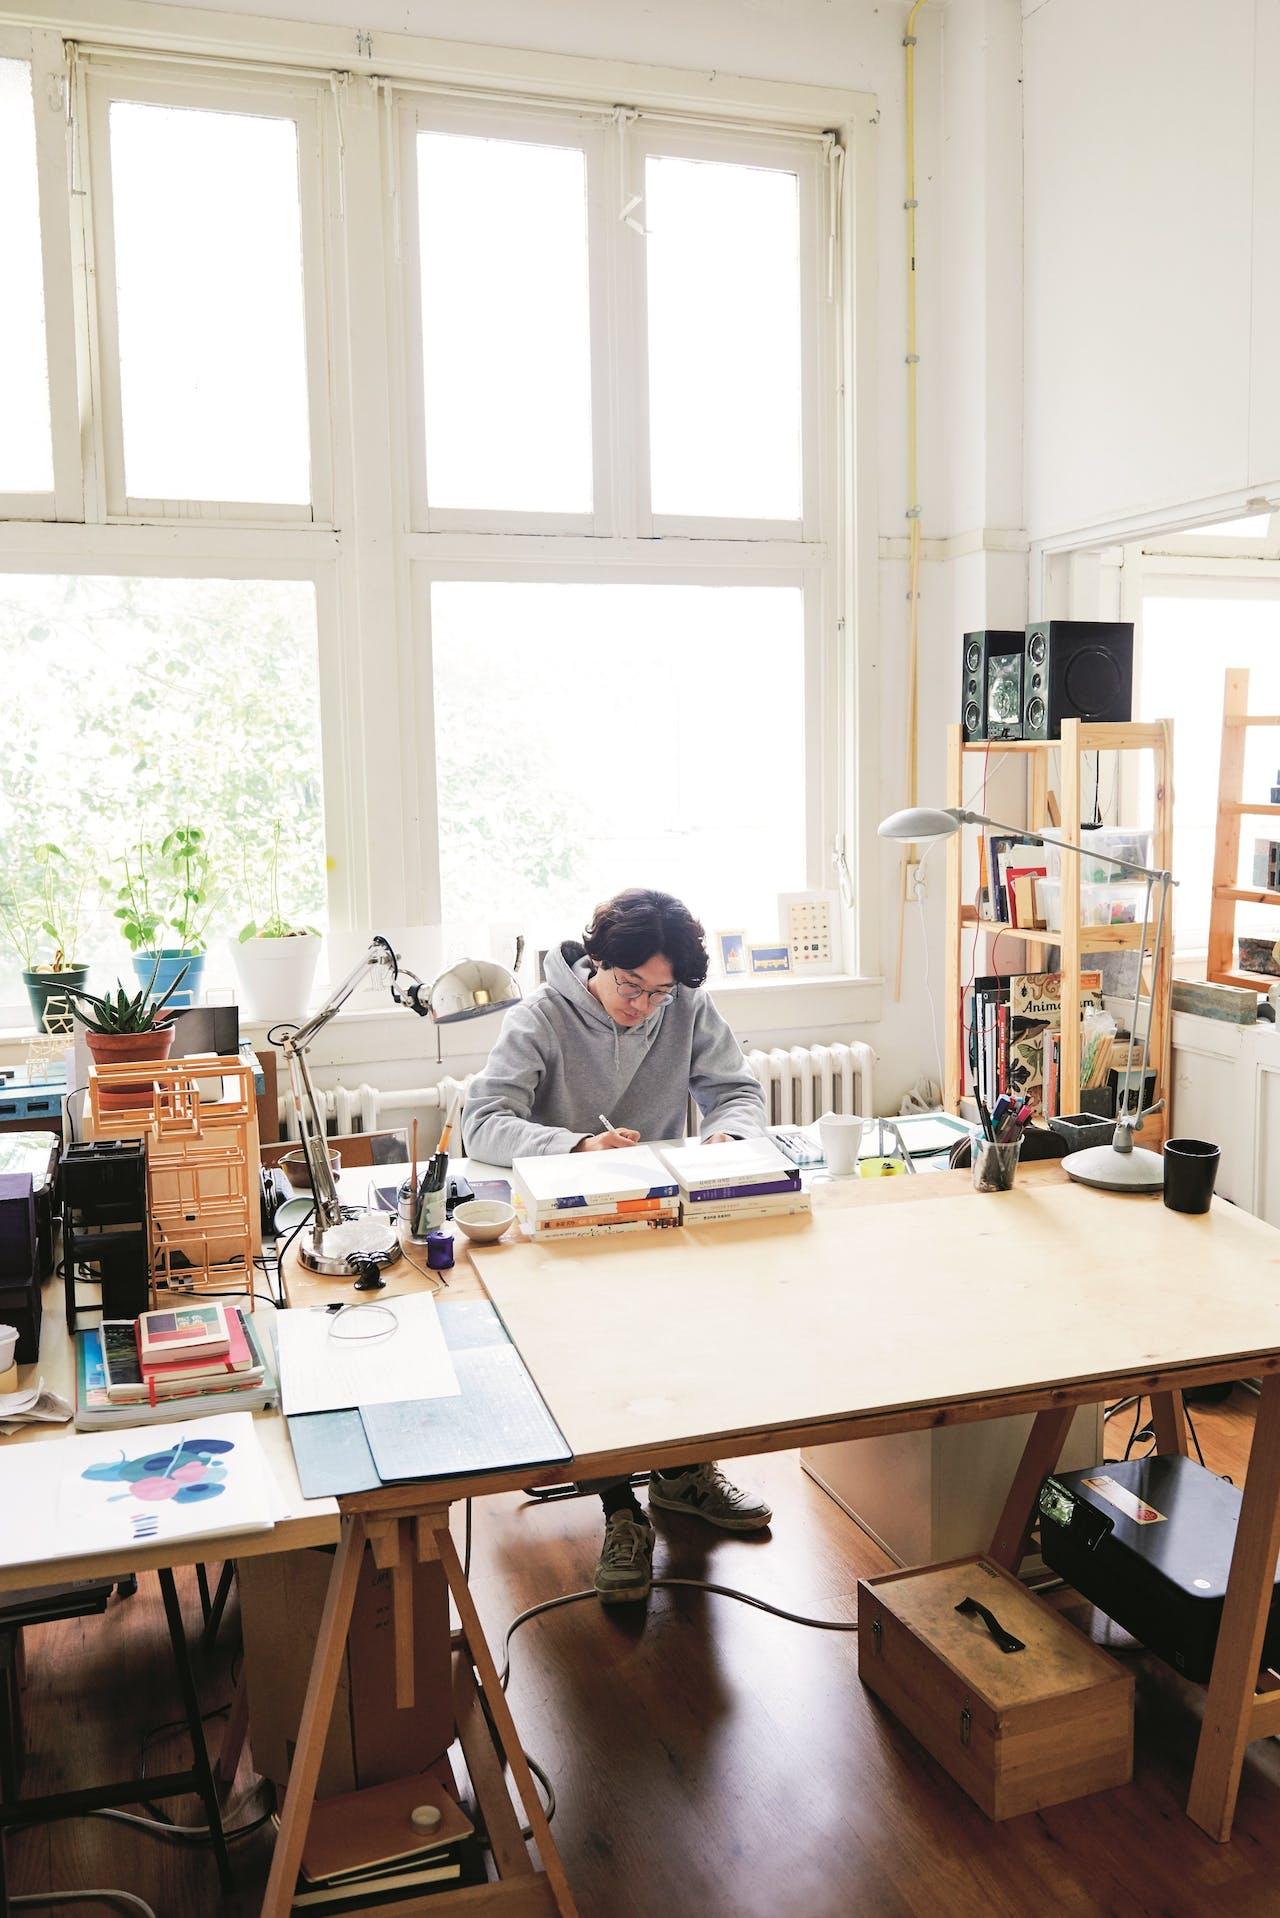 Woojai Lee aan het werk in zijn studio in Eindhoven.